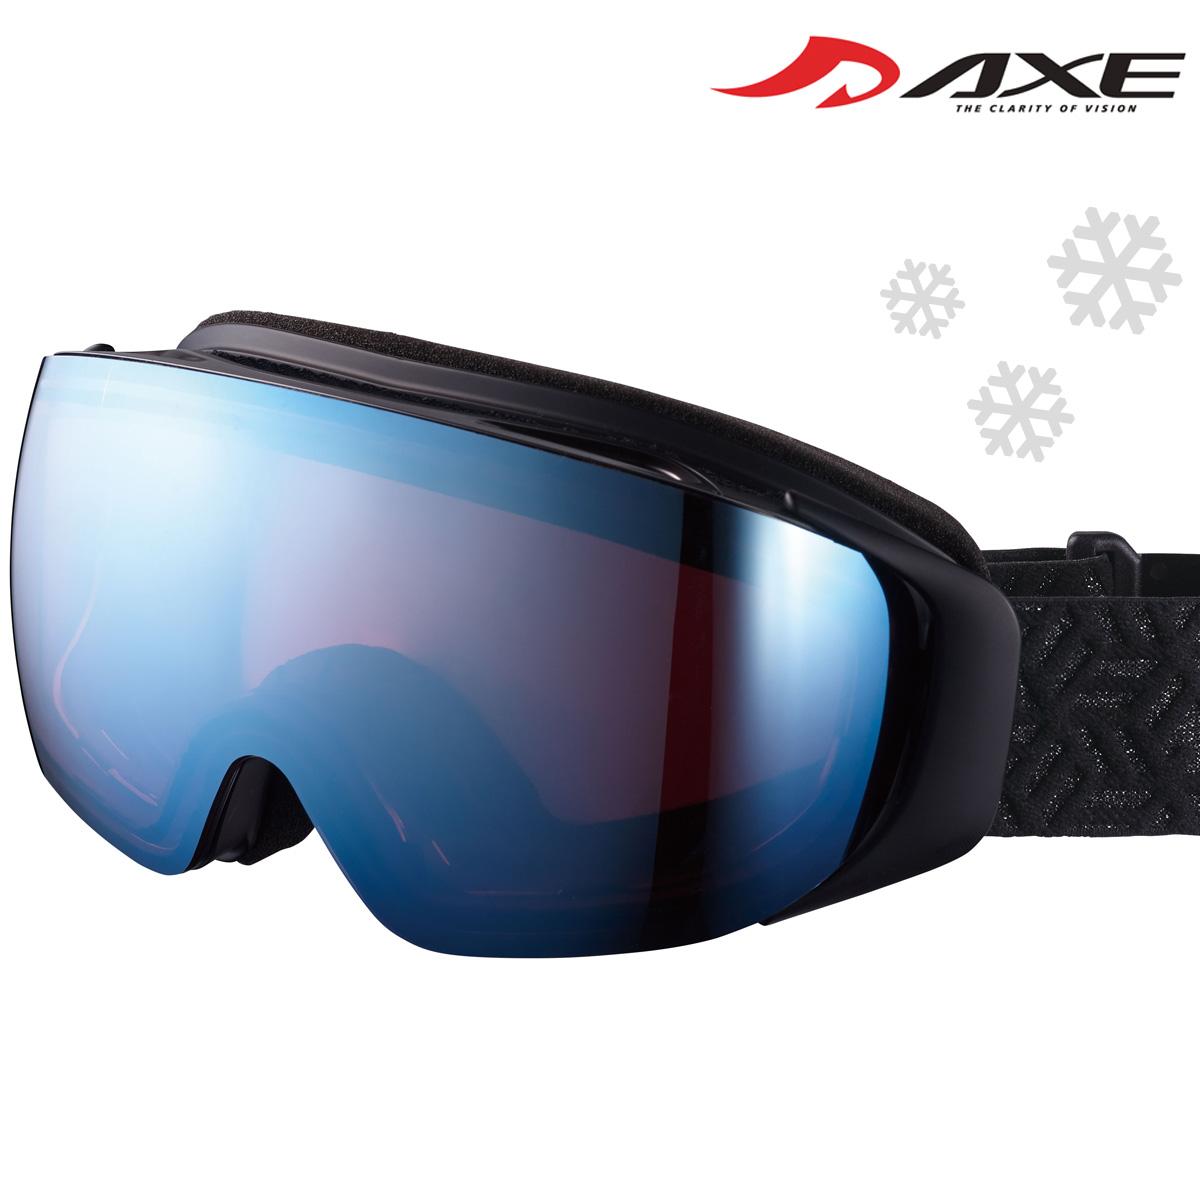 ゴーグル AX899-HCM 眼鏡対応 ミラー スキー スノーボード AX899-HCM アックス スノーゴーグル メガネ スキー ダブルワイドレンズ 曇り止め機能付き AXE アックス, かばんのサンペイ:83ccd879 --- sunward.msk.ru